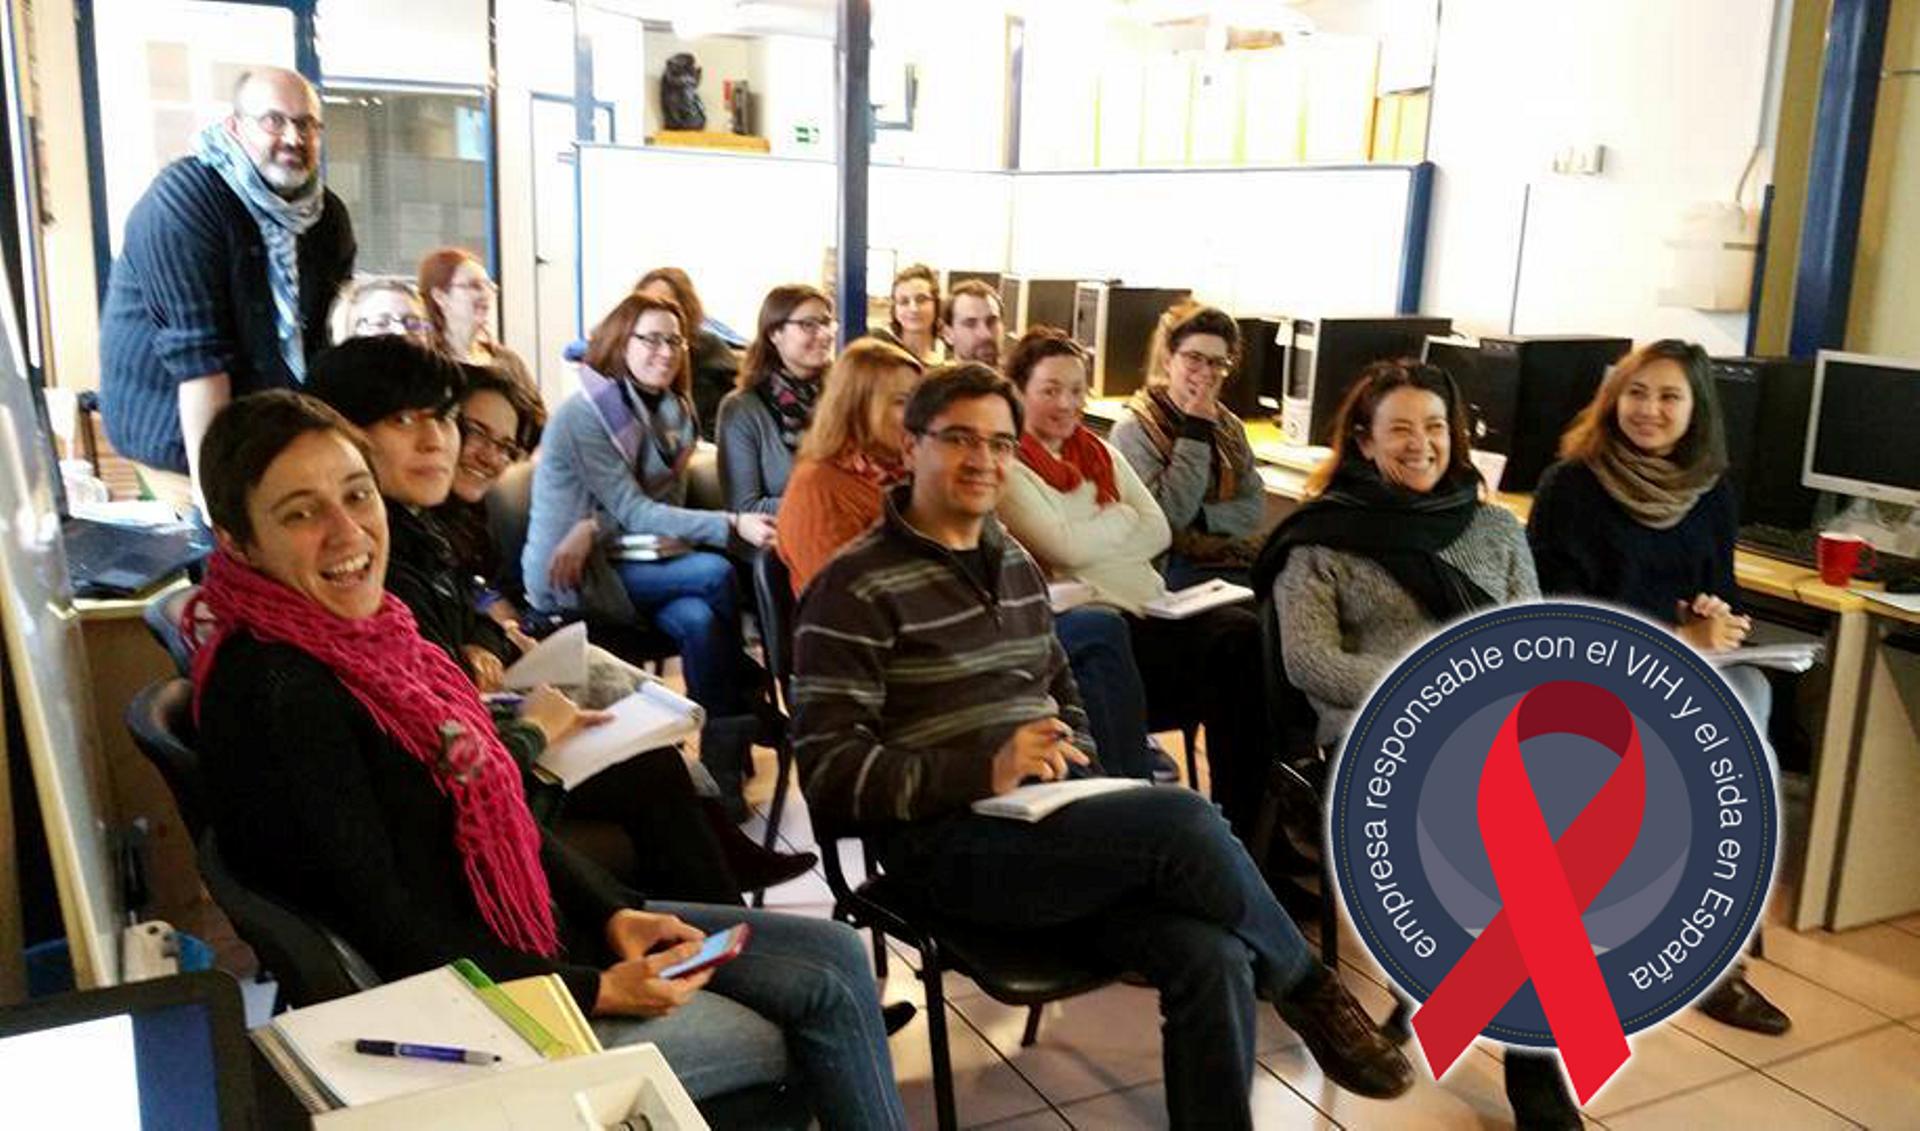 La Asociación Progestión se suma a la iniciativa Empresas responsables con el VIH y el sida en España